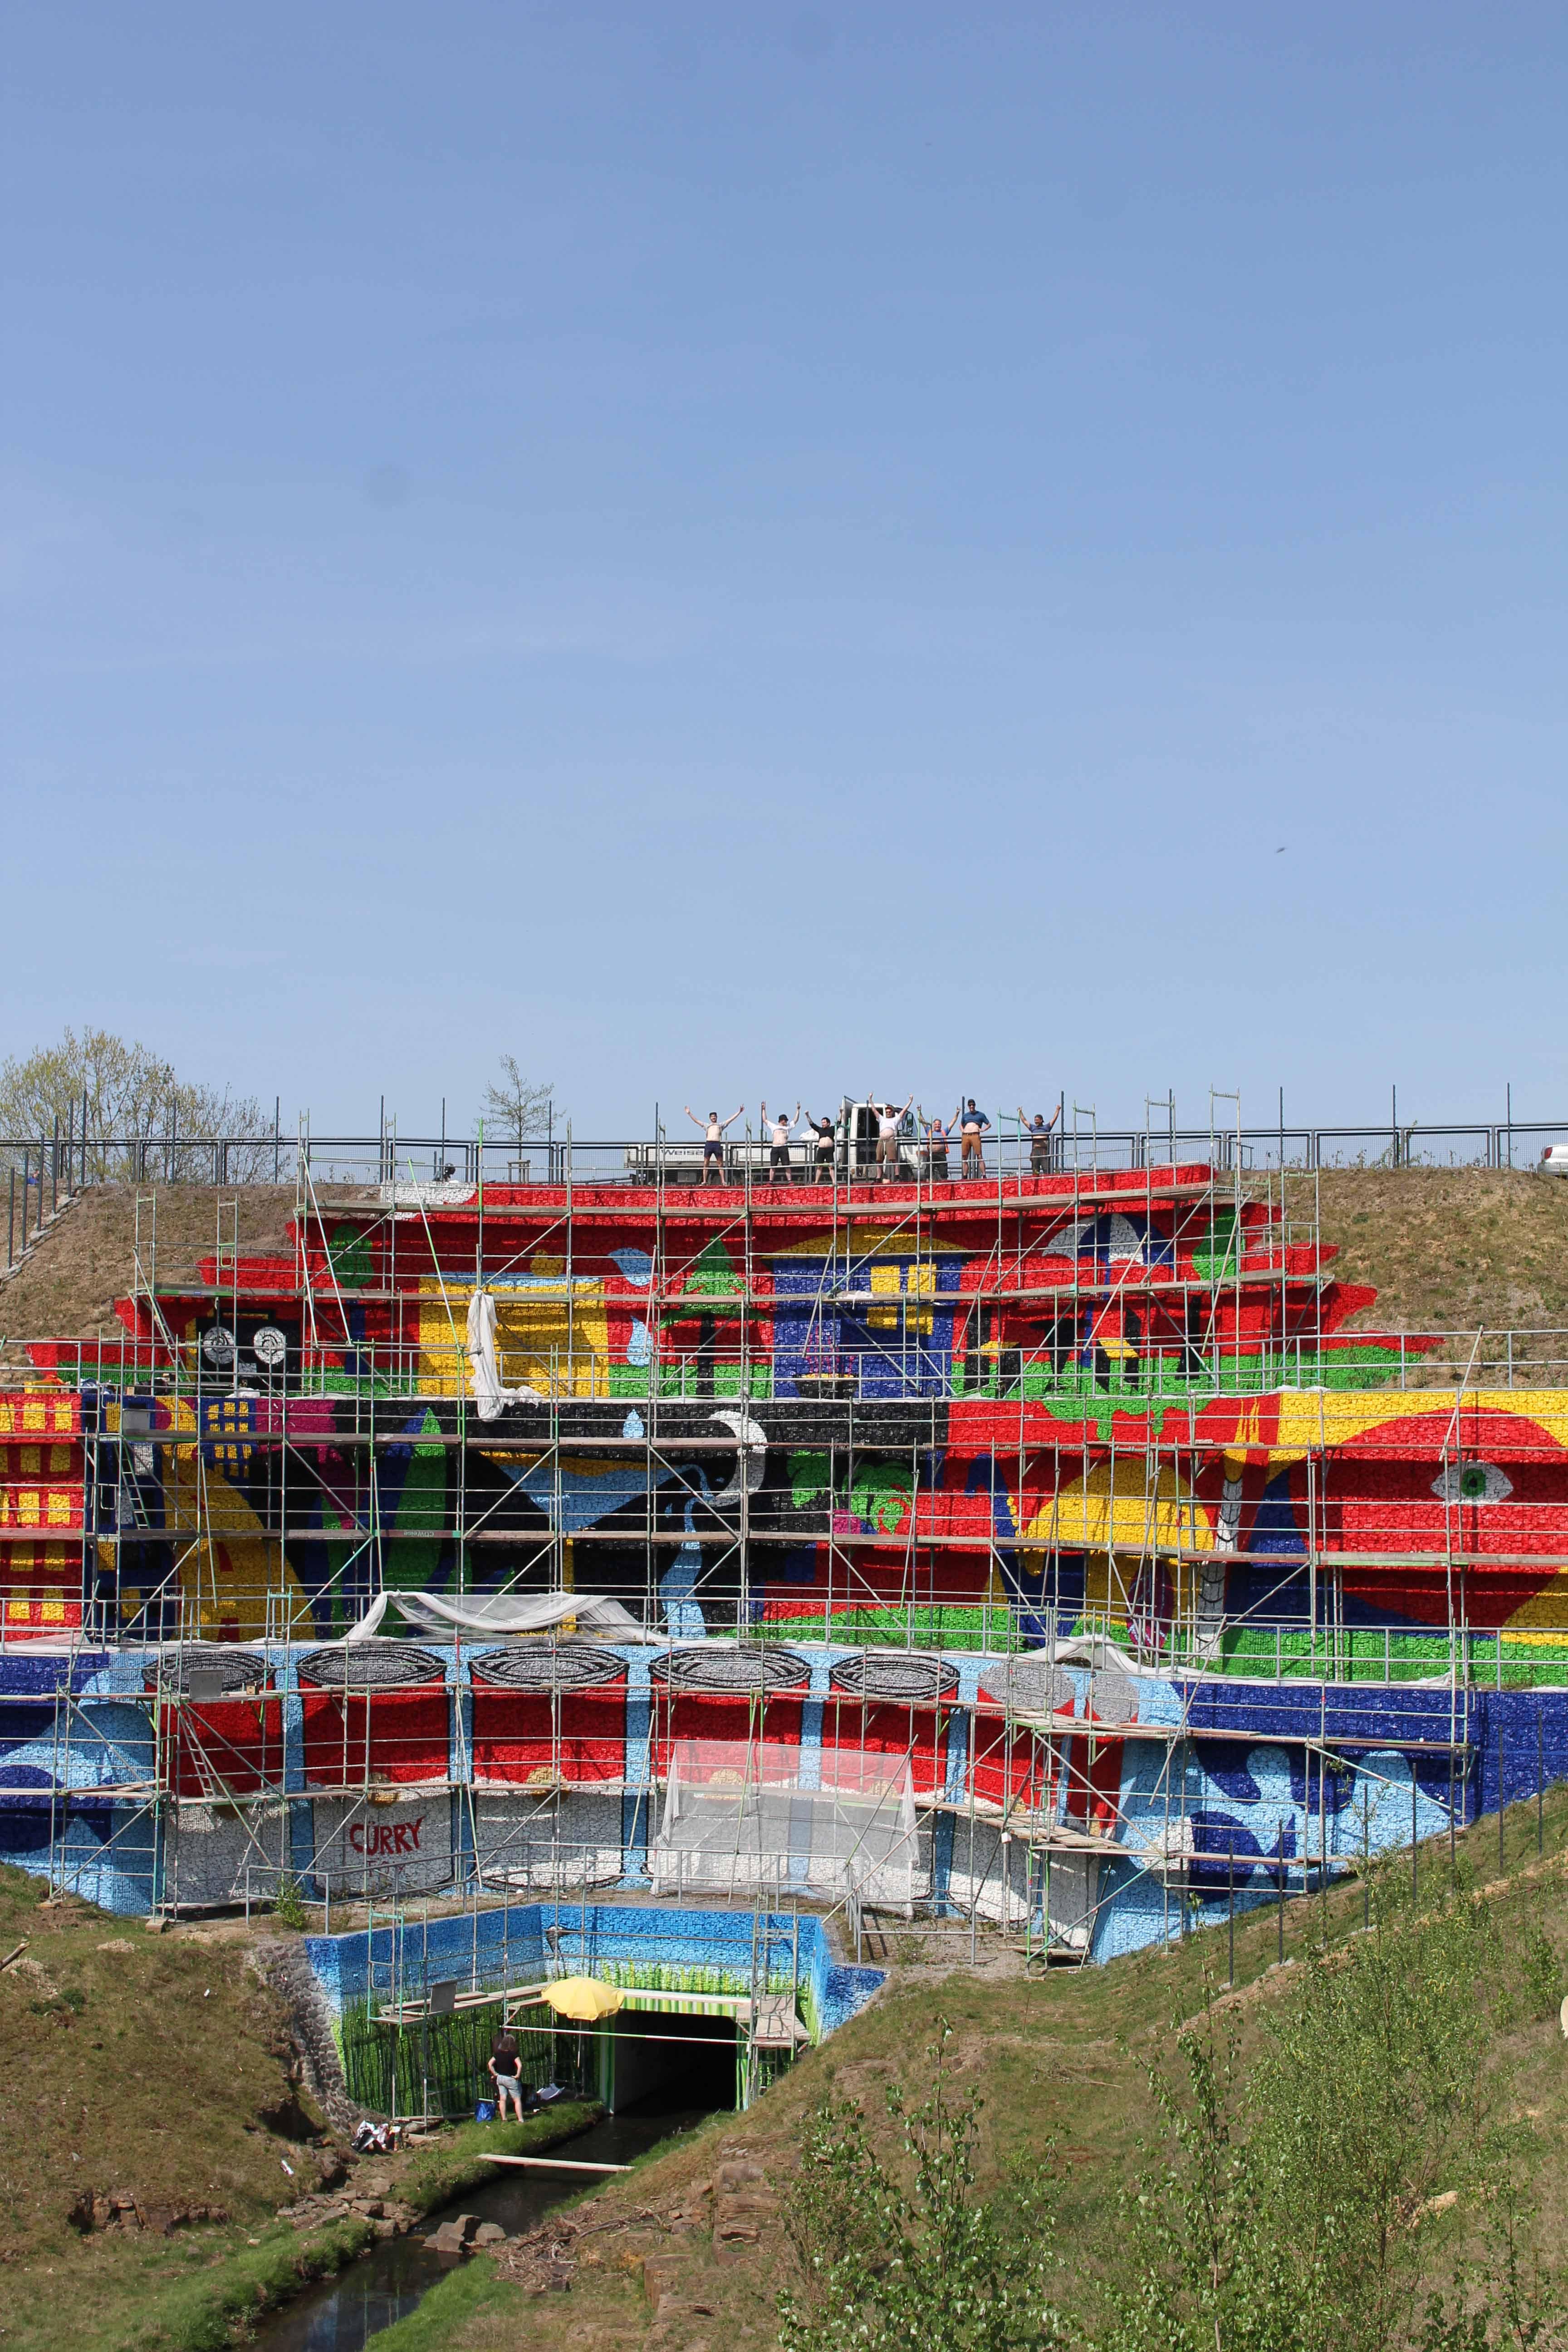 Gestaltung Der Gabionenwand Schondelle An Der B54 Die Urbanisten